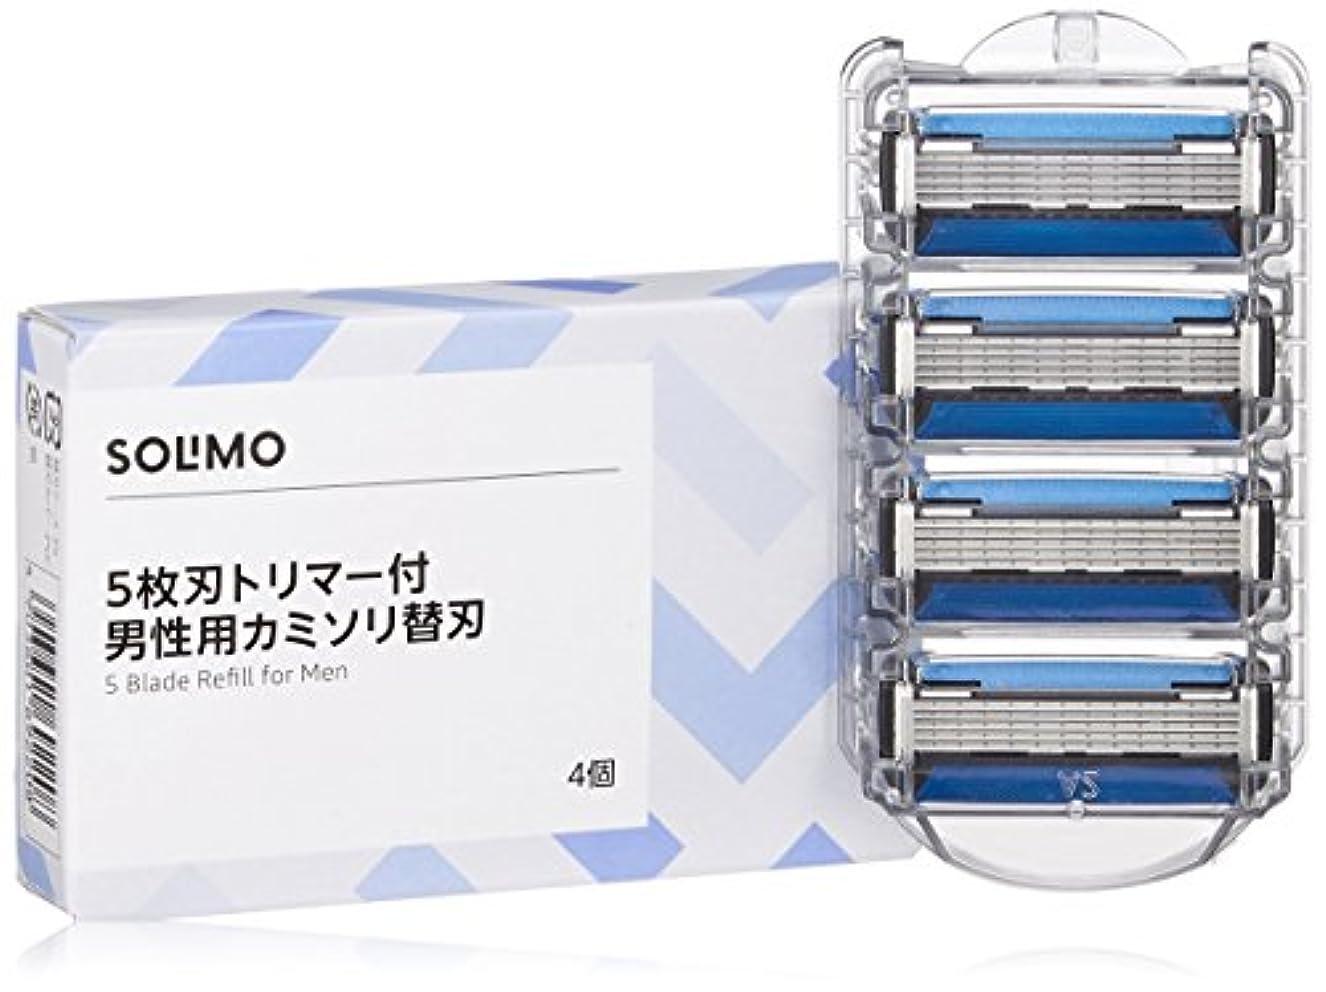 成分幾分納税者[Amazonブランド]SOLIMO 5枚刃 トリマー付 男性用 カミソリ替刃4個